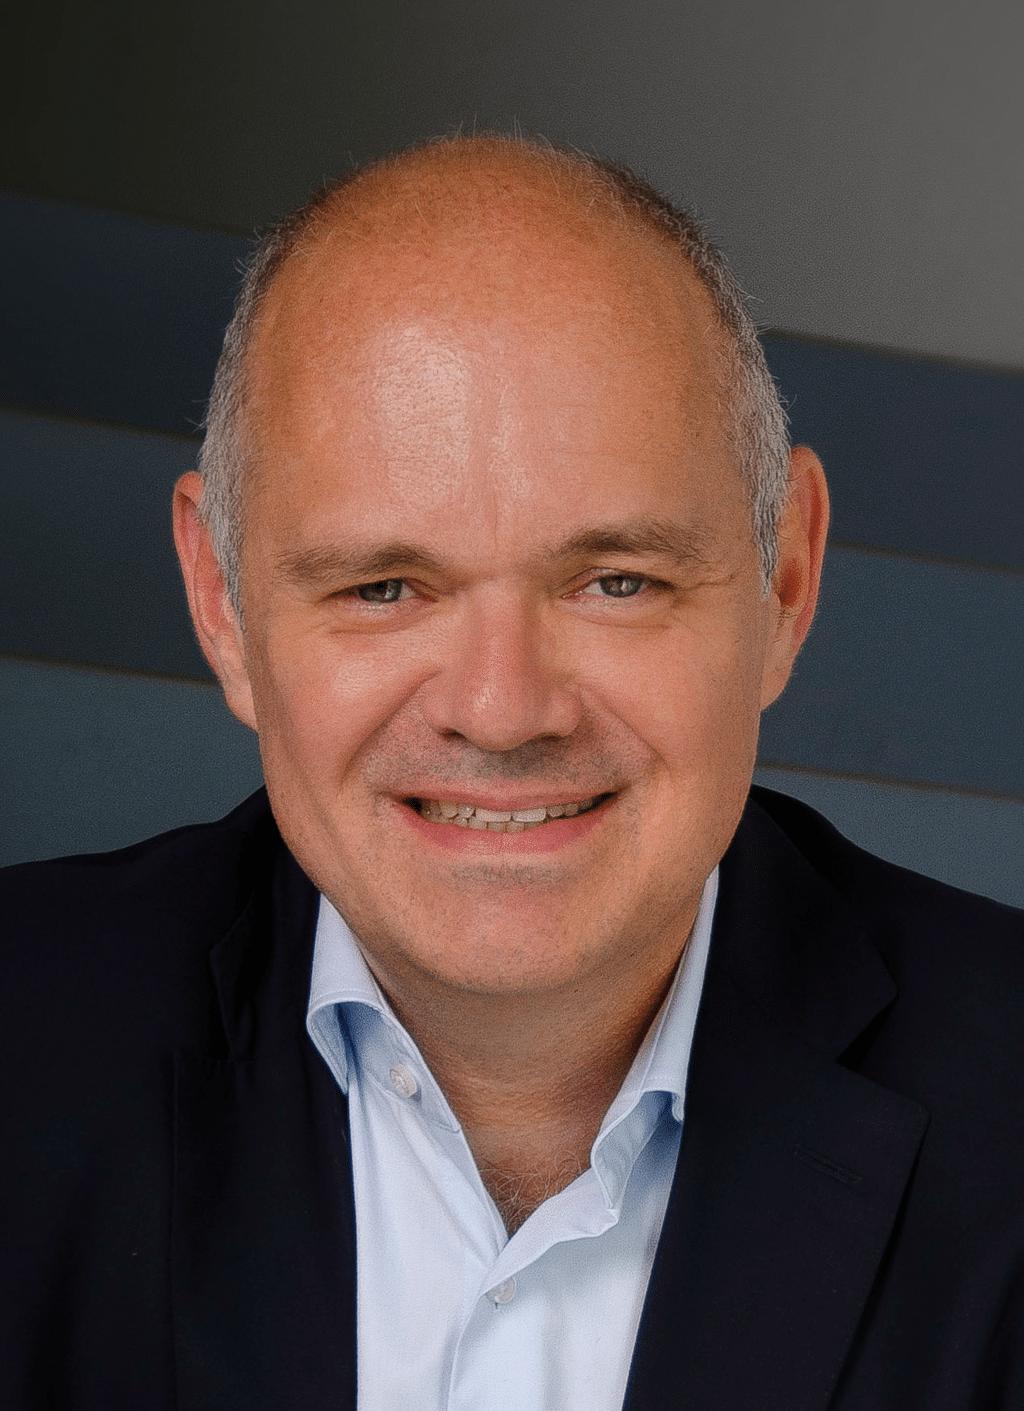 Timo Meißner, Geschäftführer der Kindermann GmbH